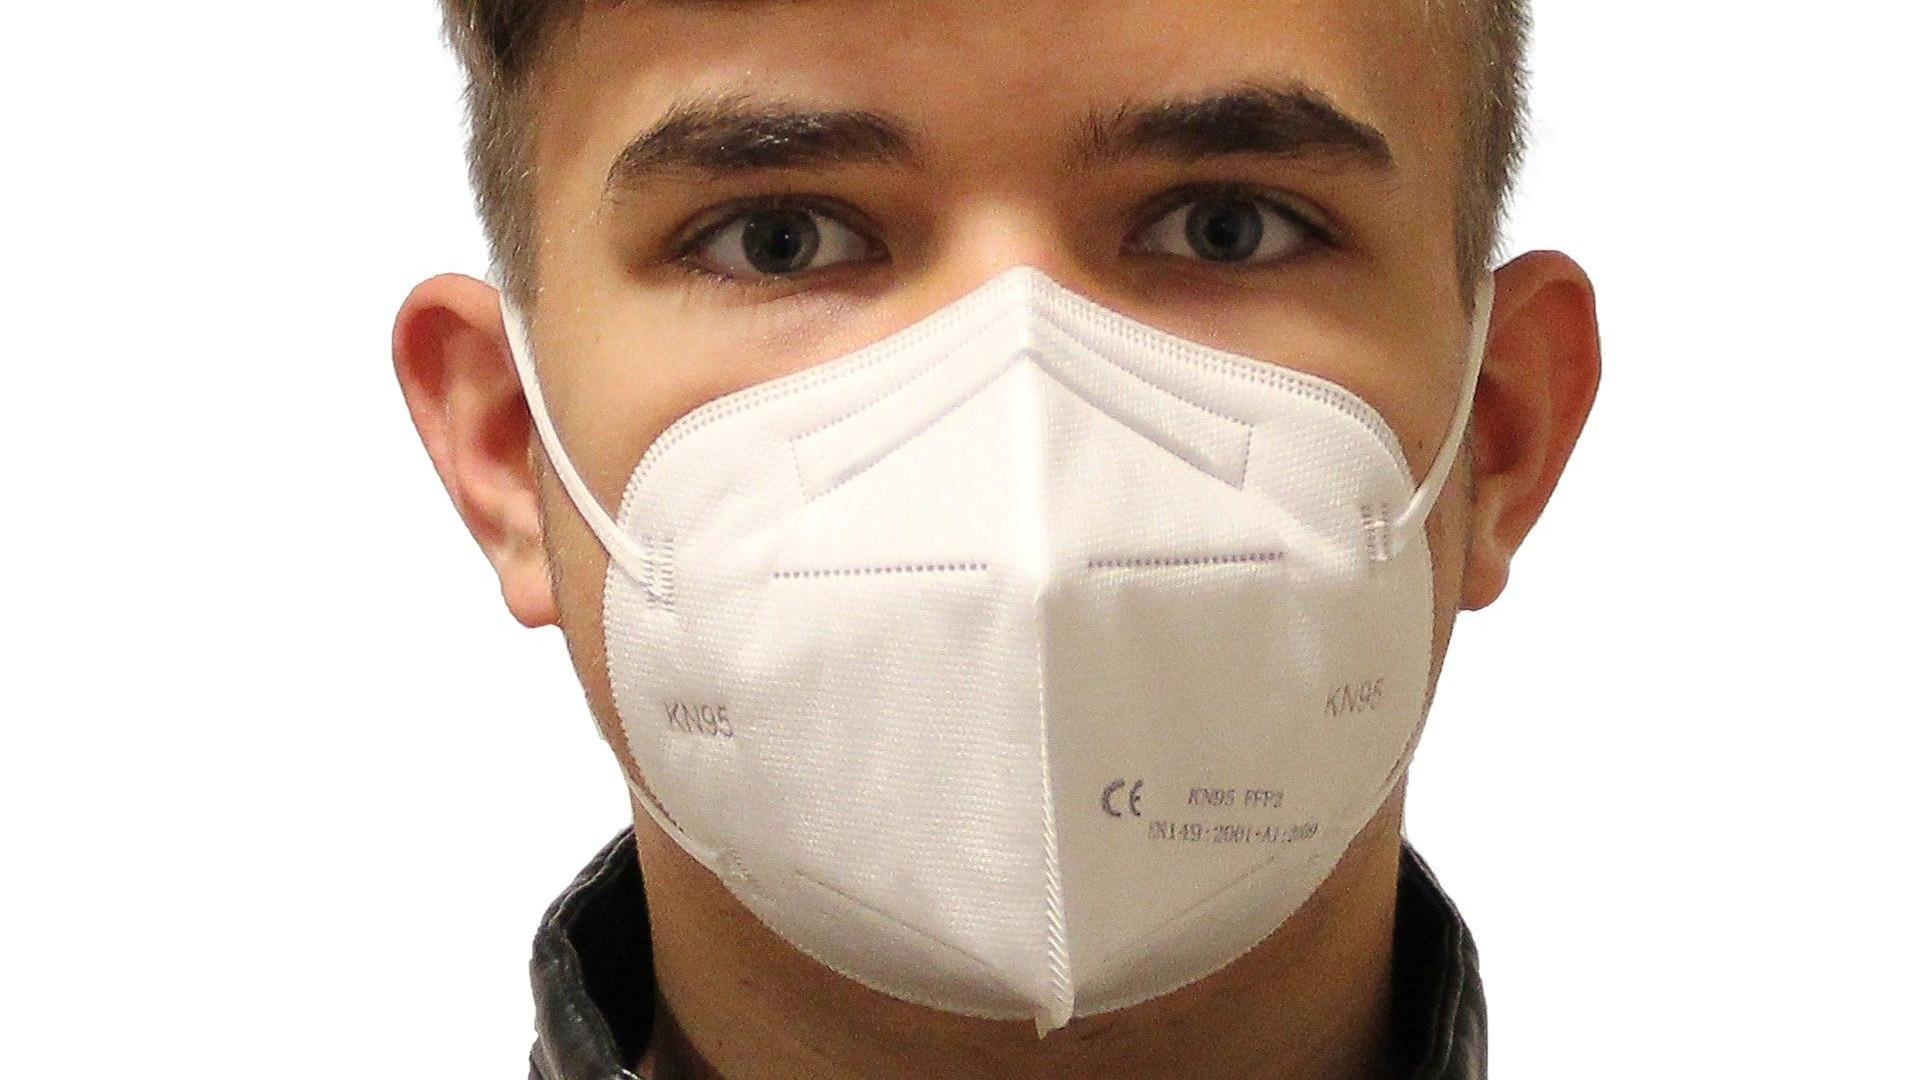 Rauchen kann zu unangenehmen Zigarettengeruch unter der FFP2-Maske führen